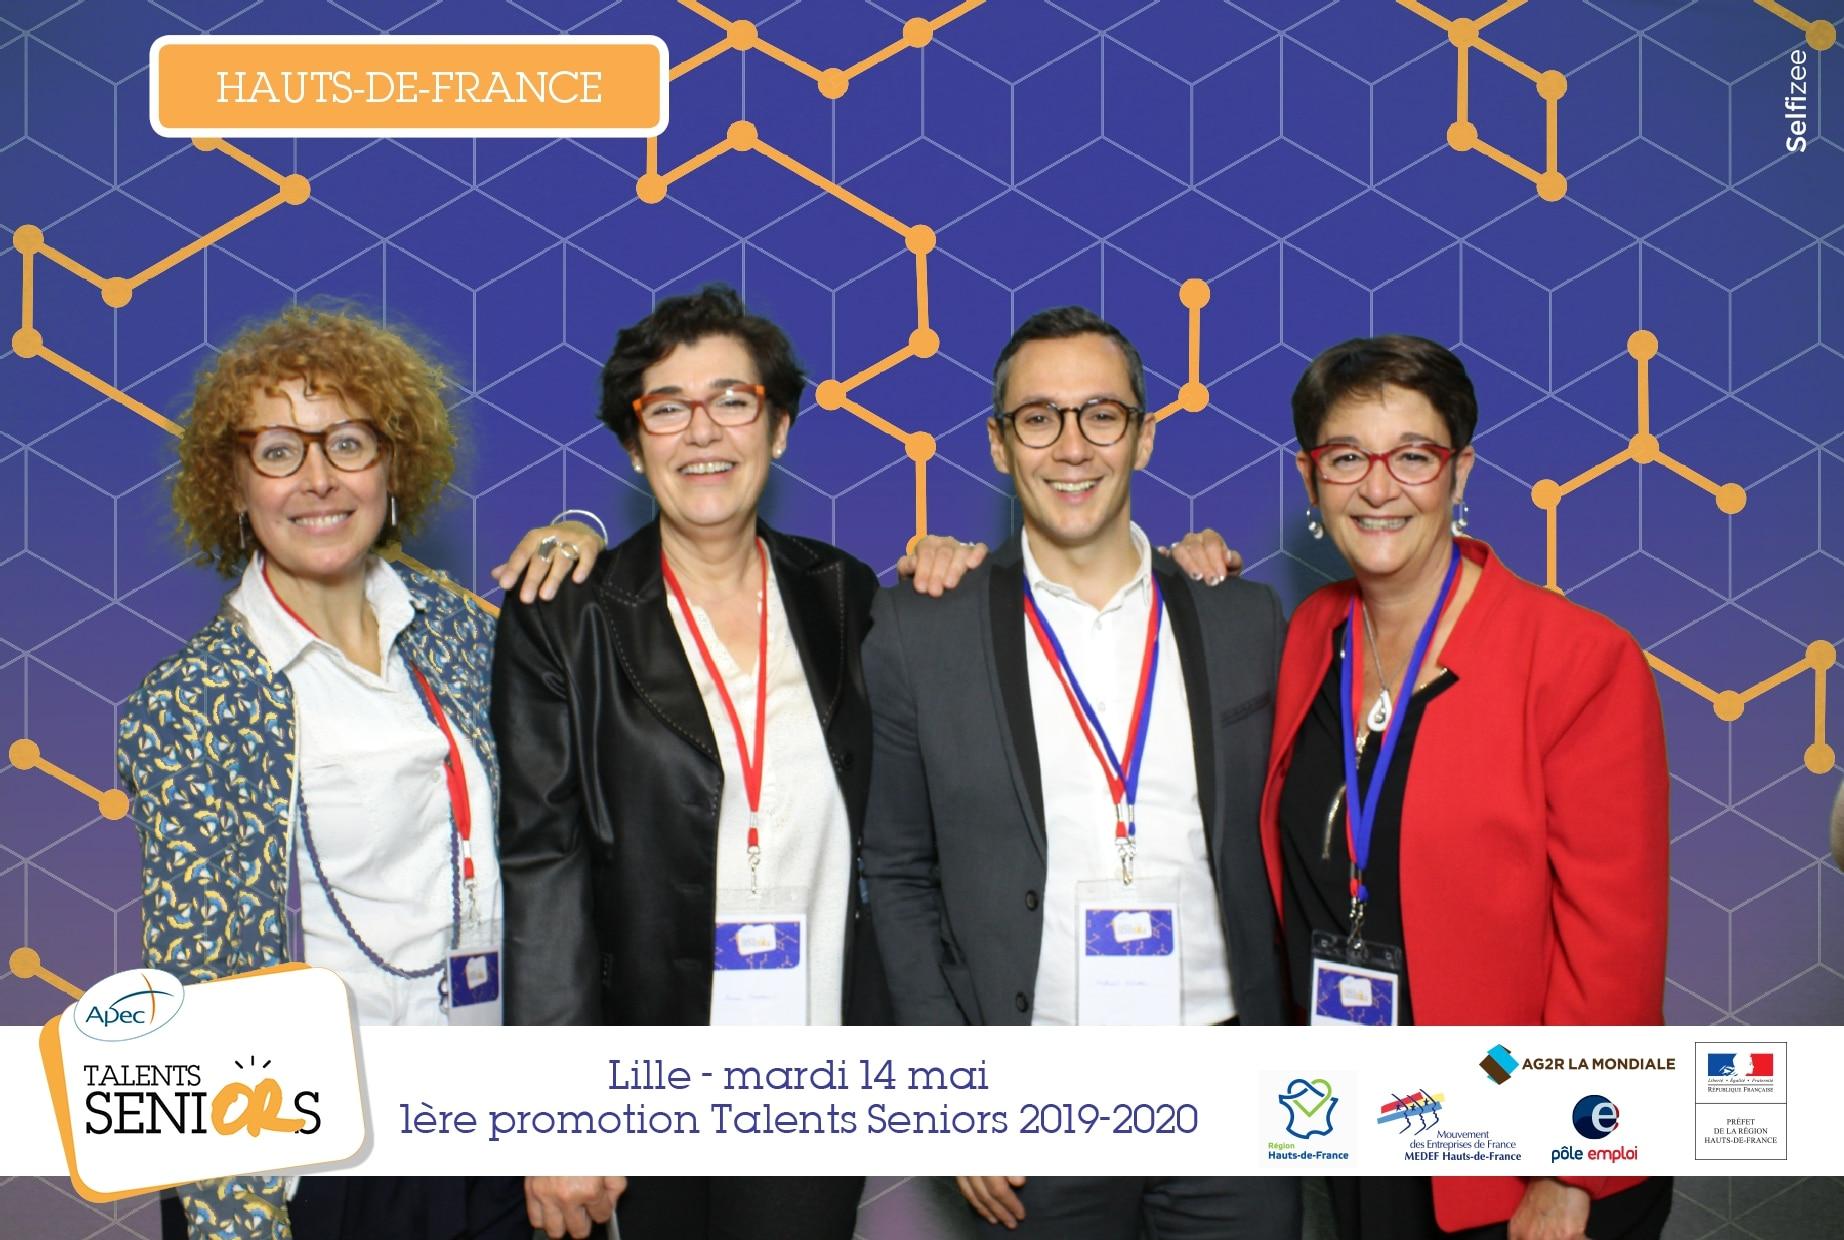 Borne photo et animation fond vert à soirée lancement officiel Talents Seniors 1ère promotion APEC à Lille